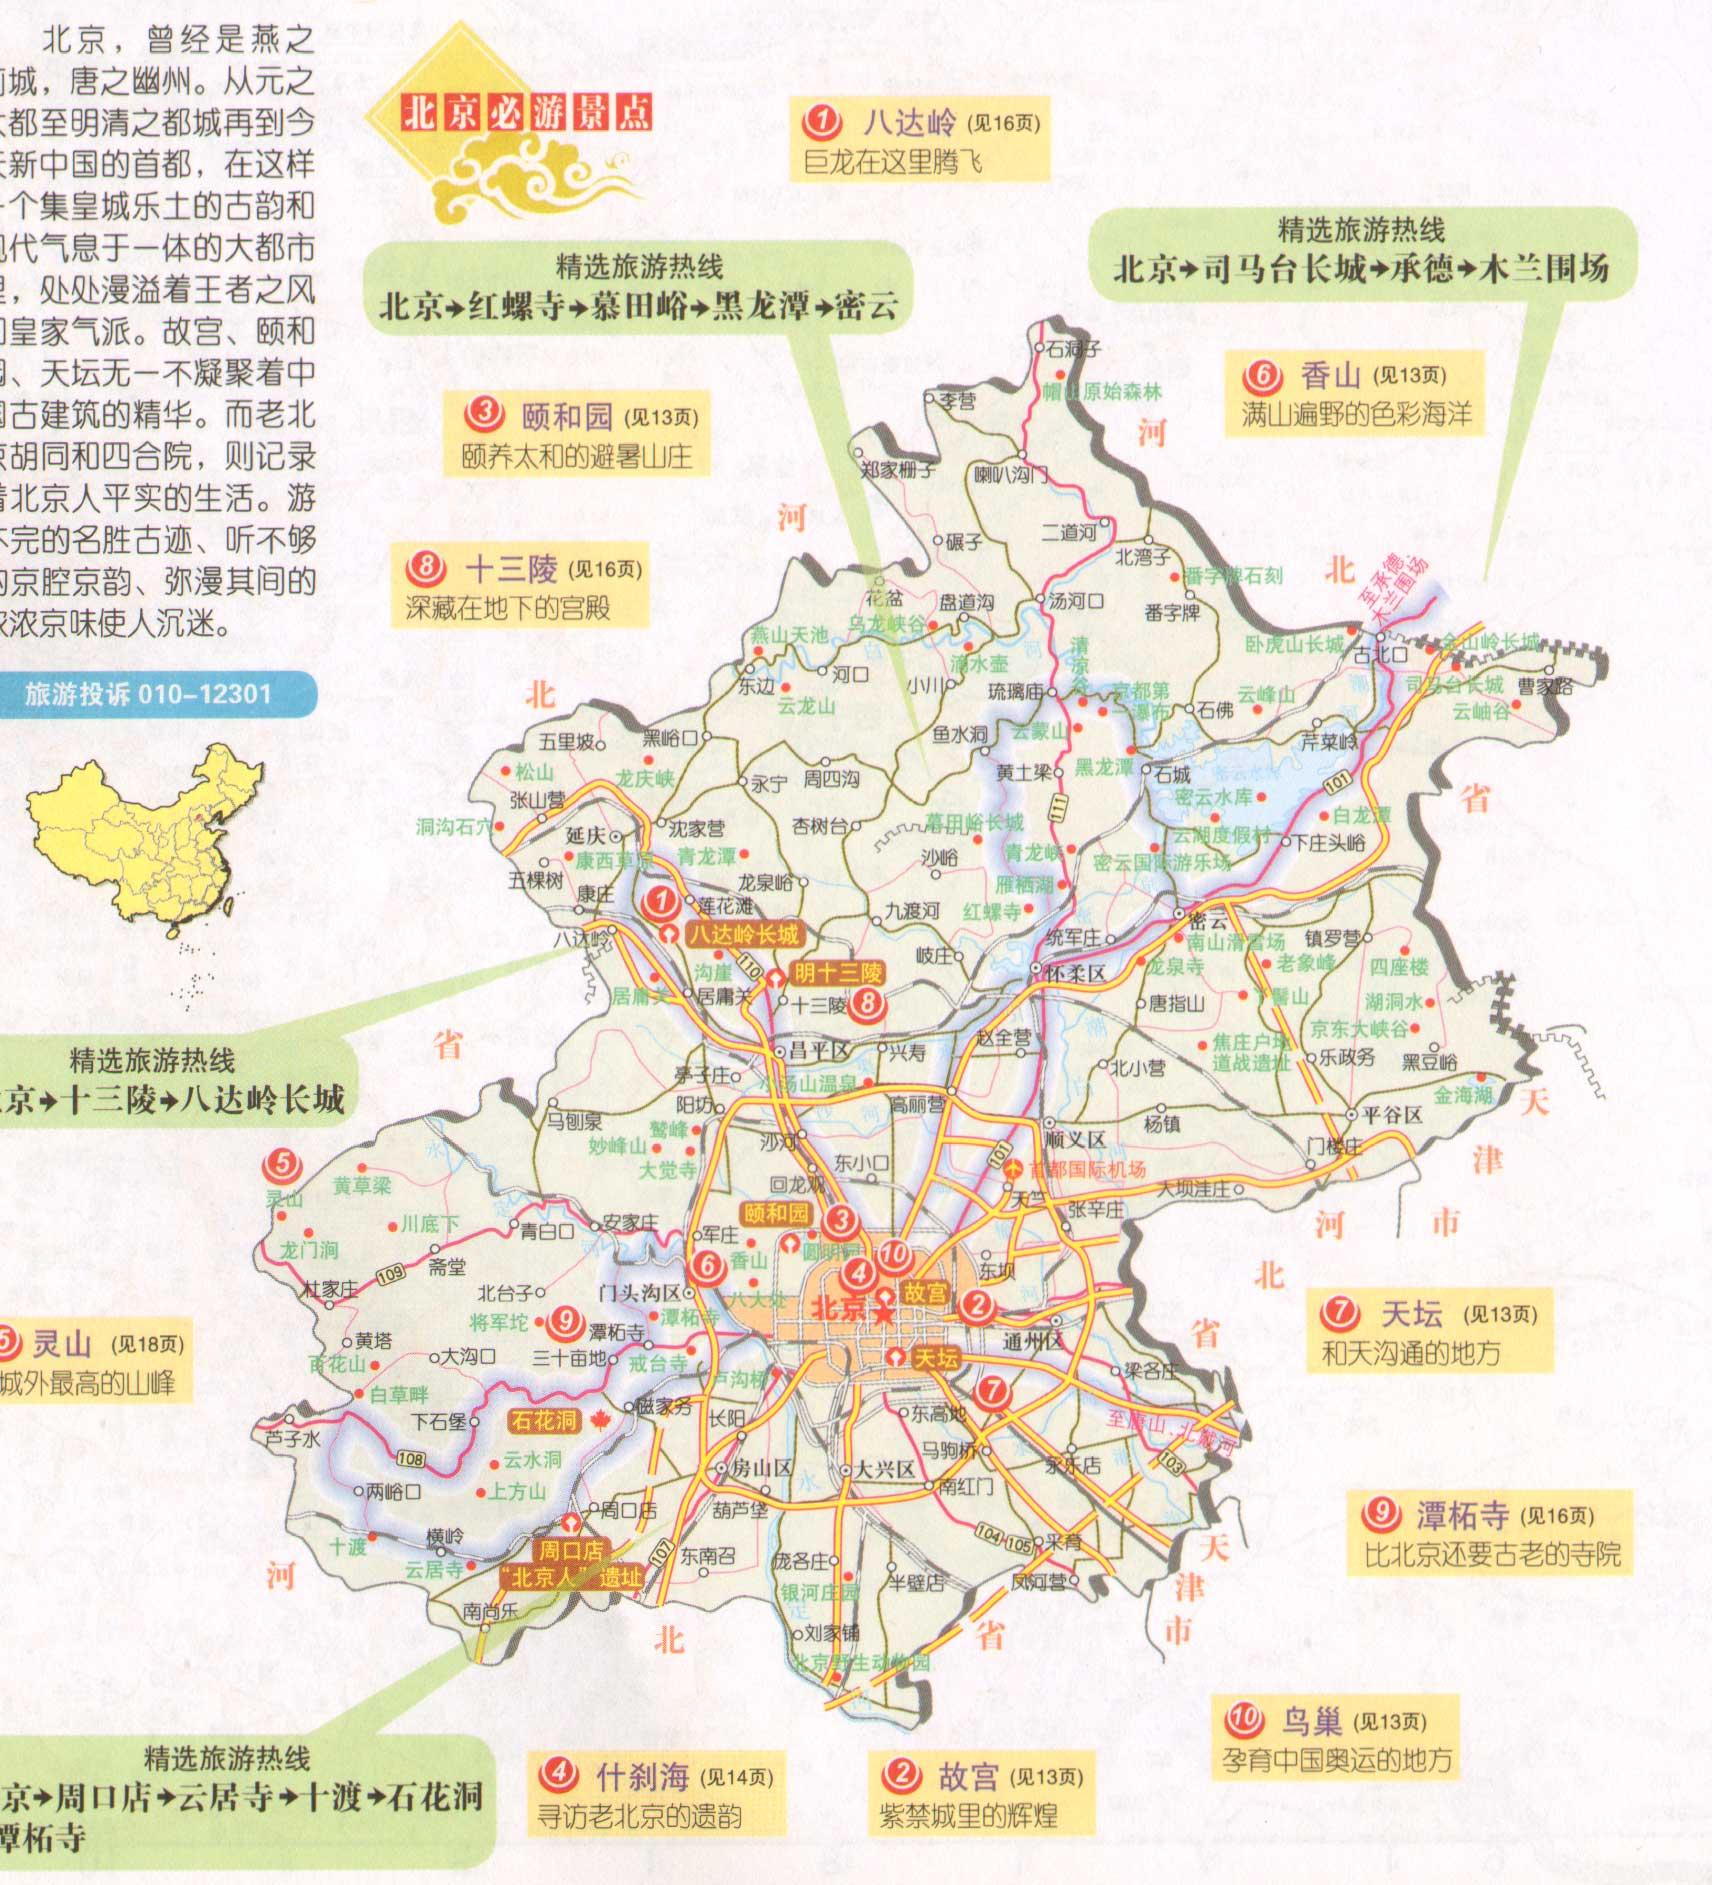 北京旅游地图(北京旅游景点分布图)